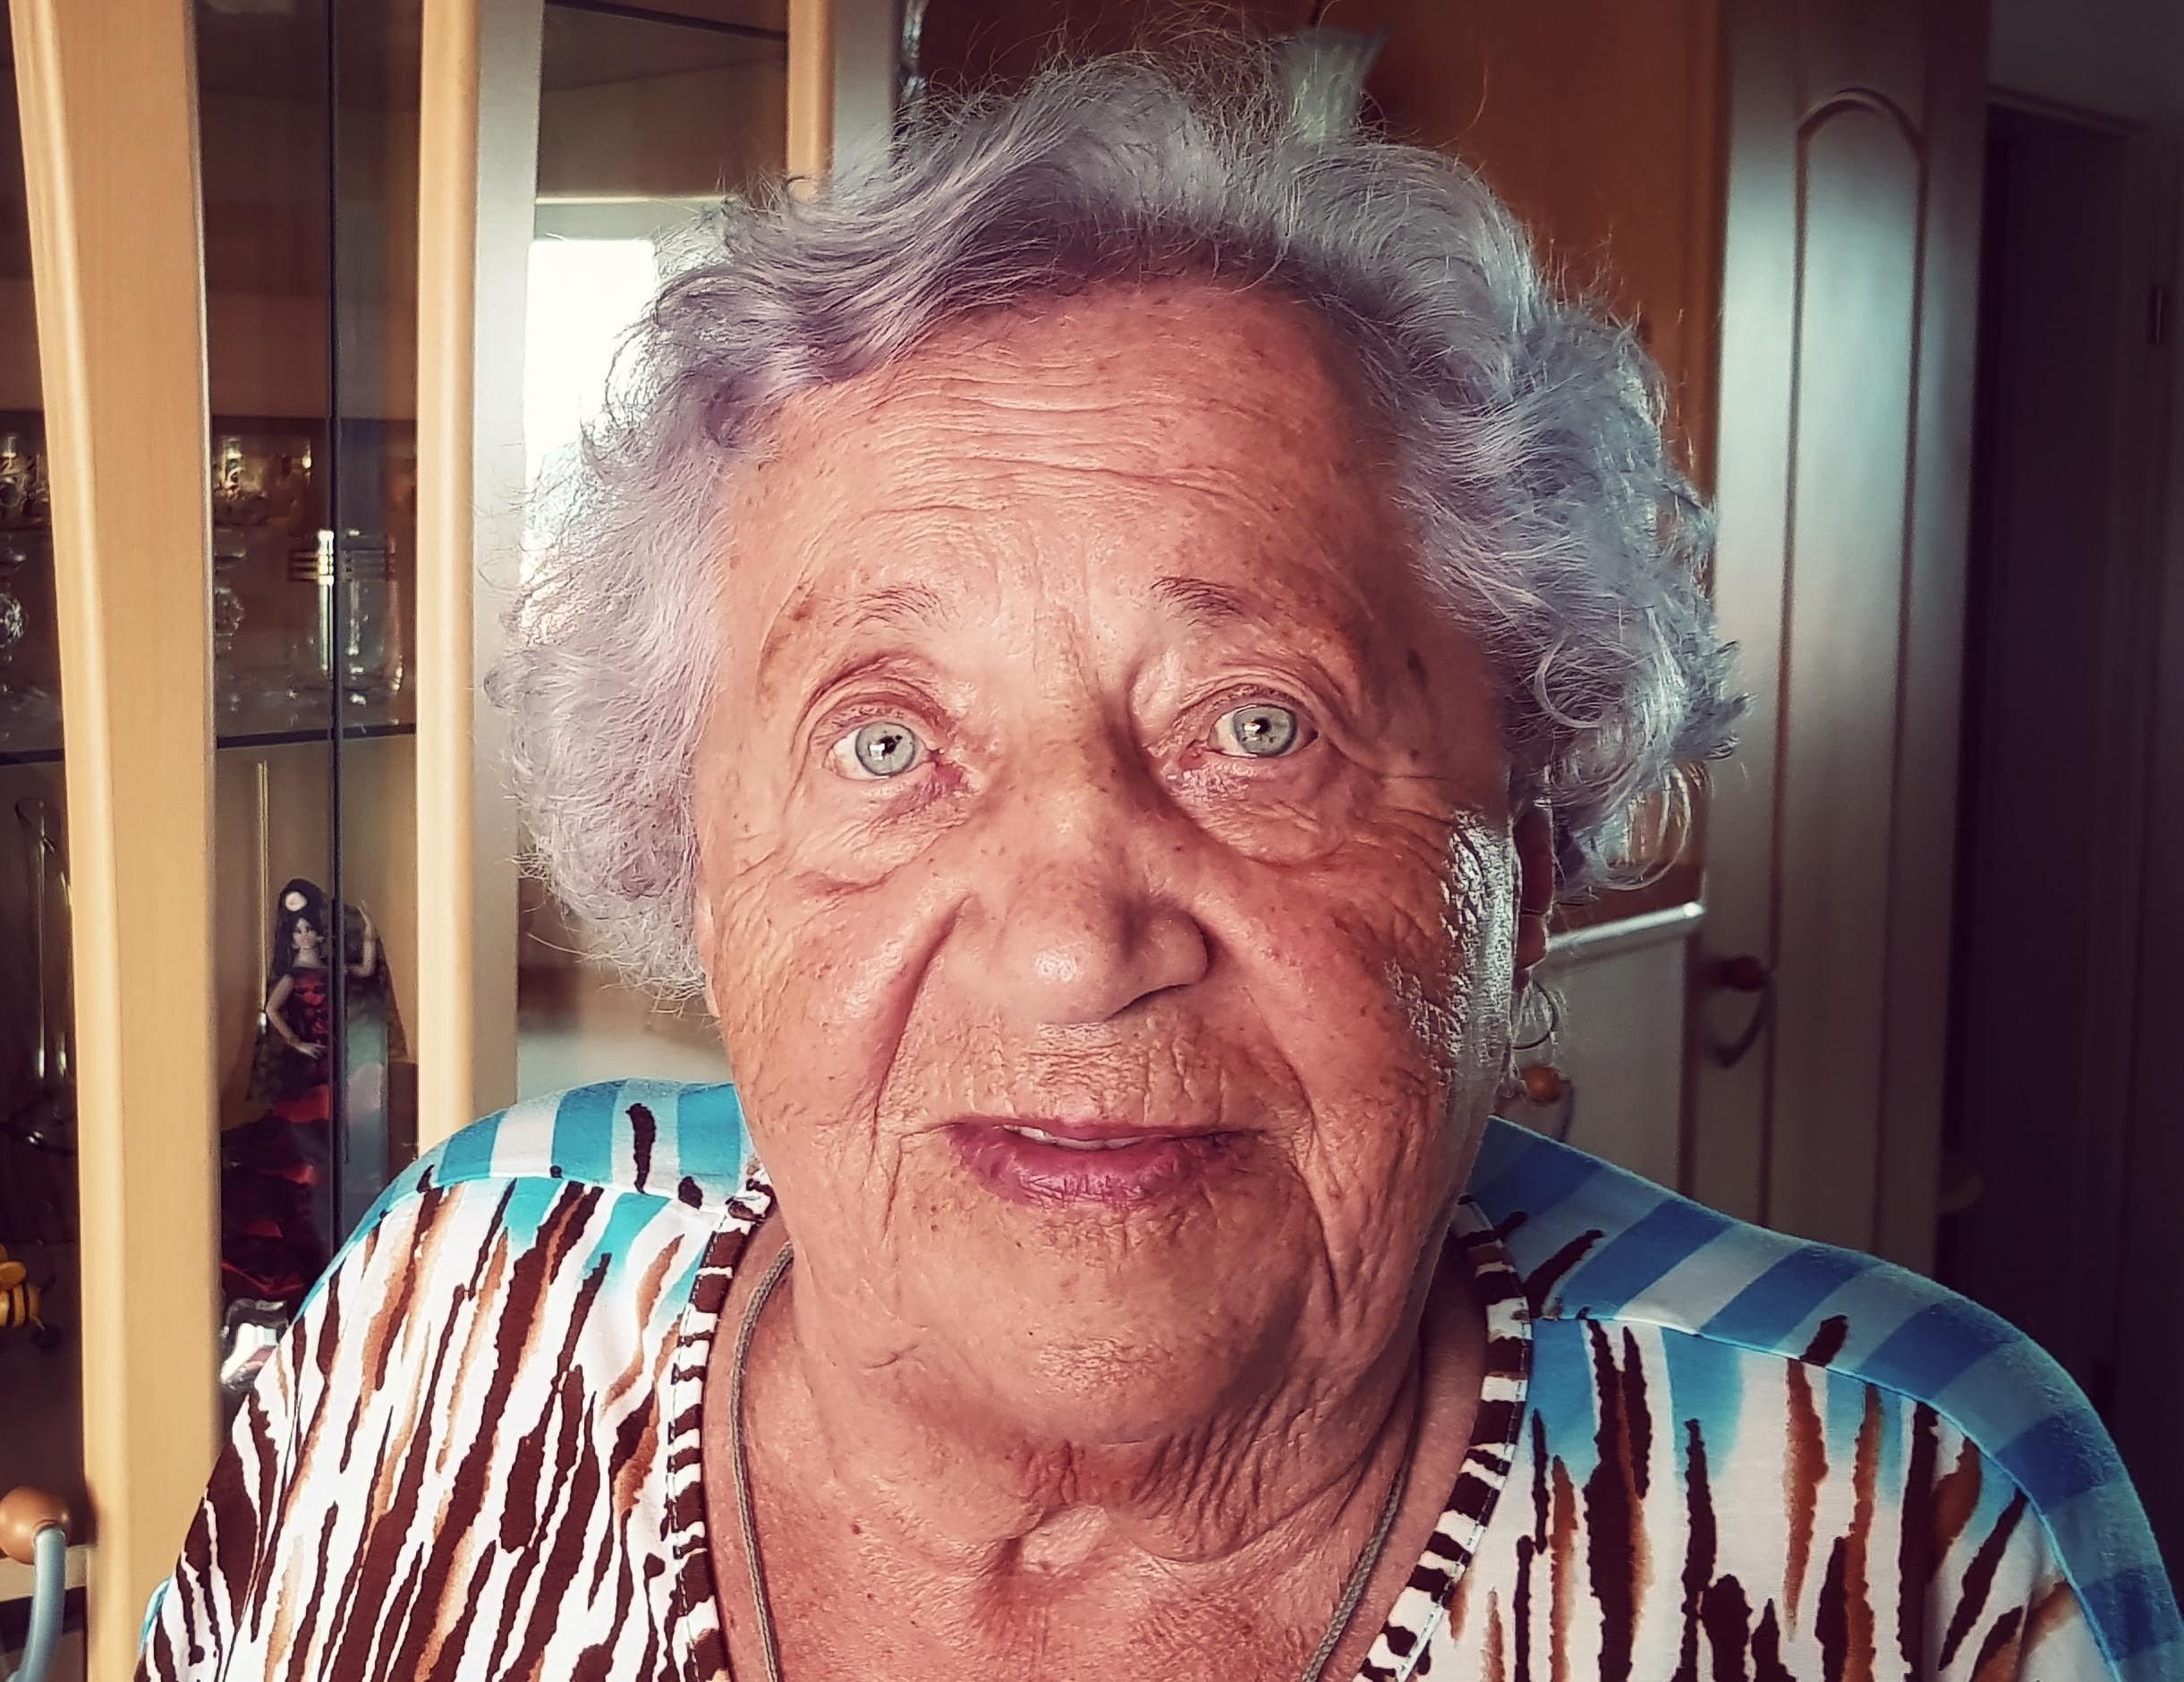 Zufrieden mit 96 Jahren: Frau Löber und das Geheimnis ihres Alters